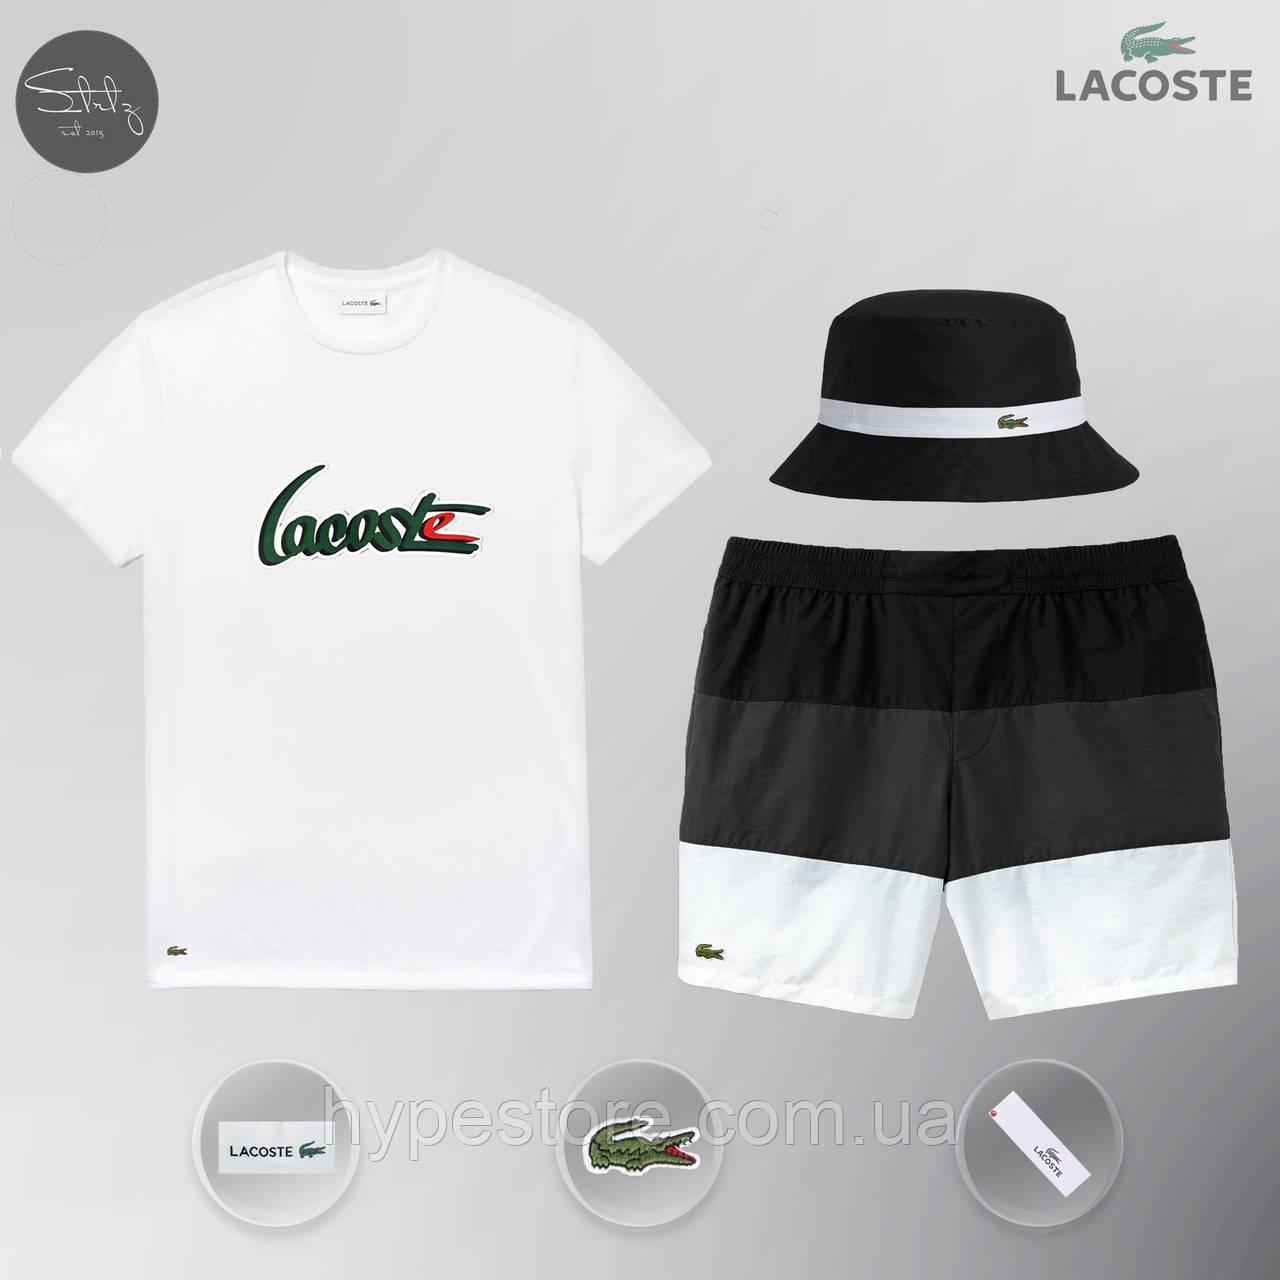 Мужской спортивный костюм, мужской пляжный комплект Lacoste, шорты+футболка, панама, ТОП-Реплика (white)